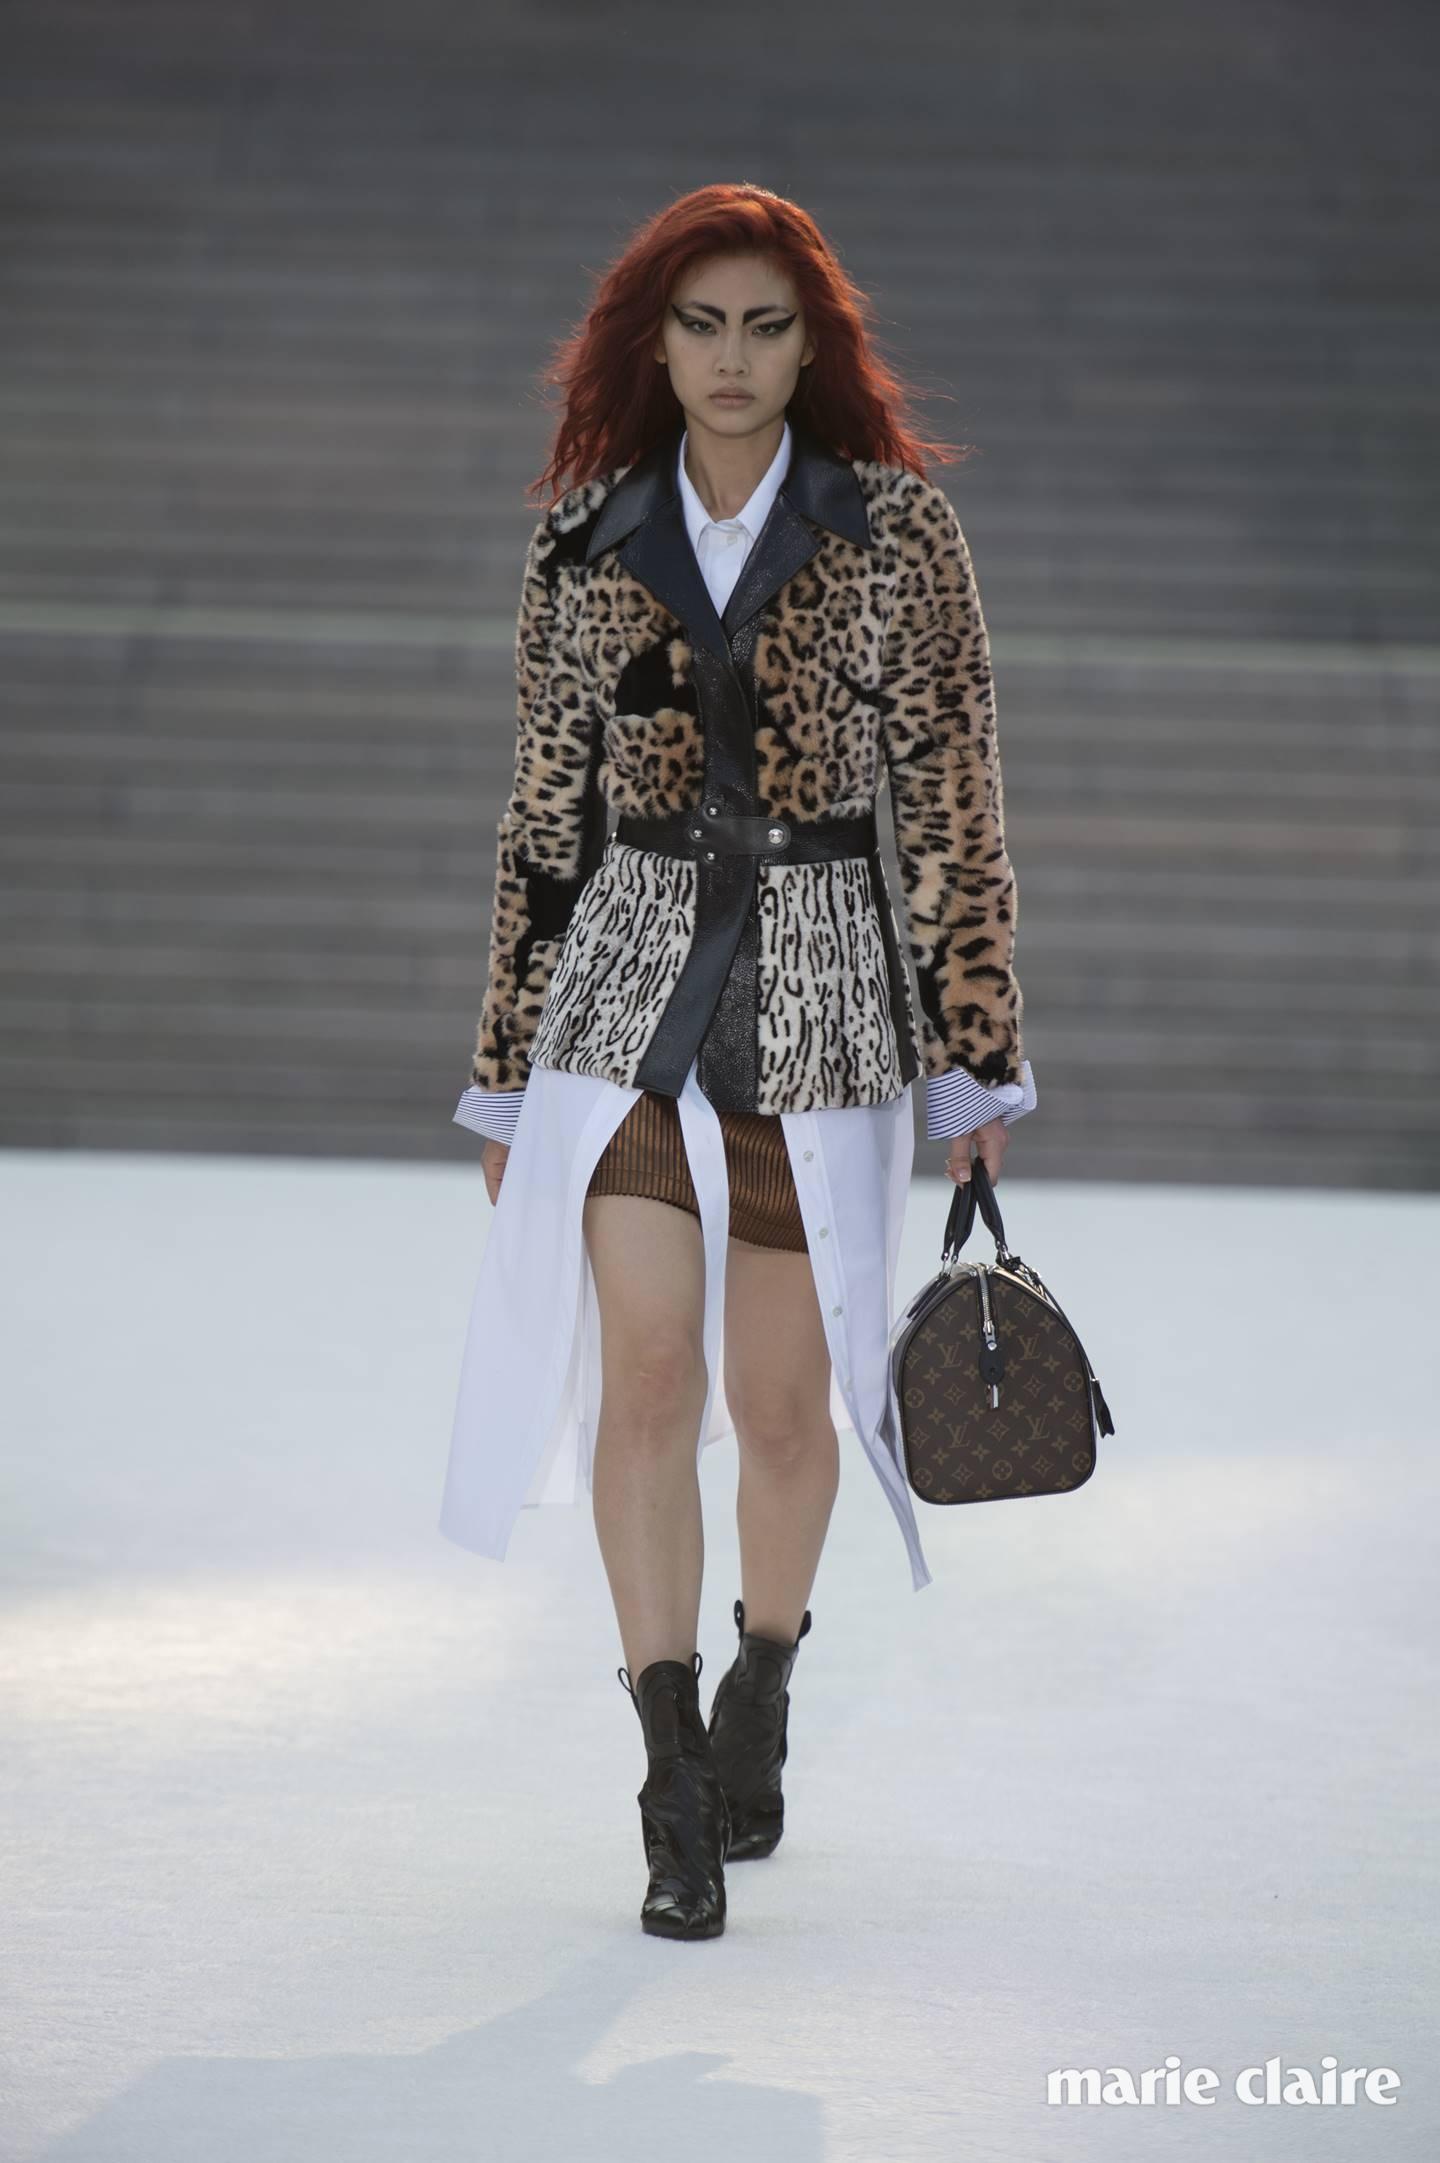 2018 루이 비통 크루즈 컬렉션 런웨이에 선 모델  정호연.